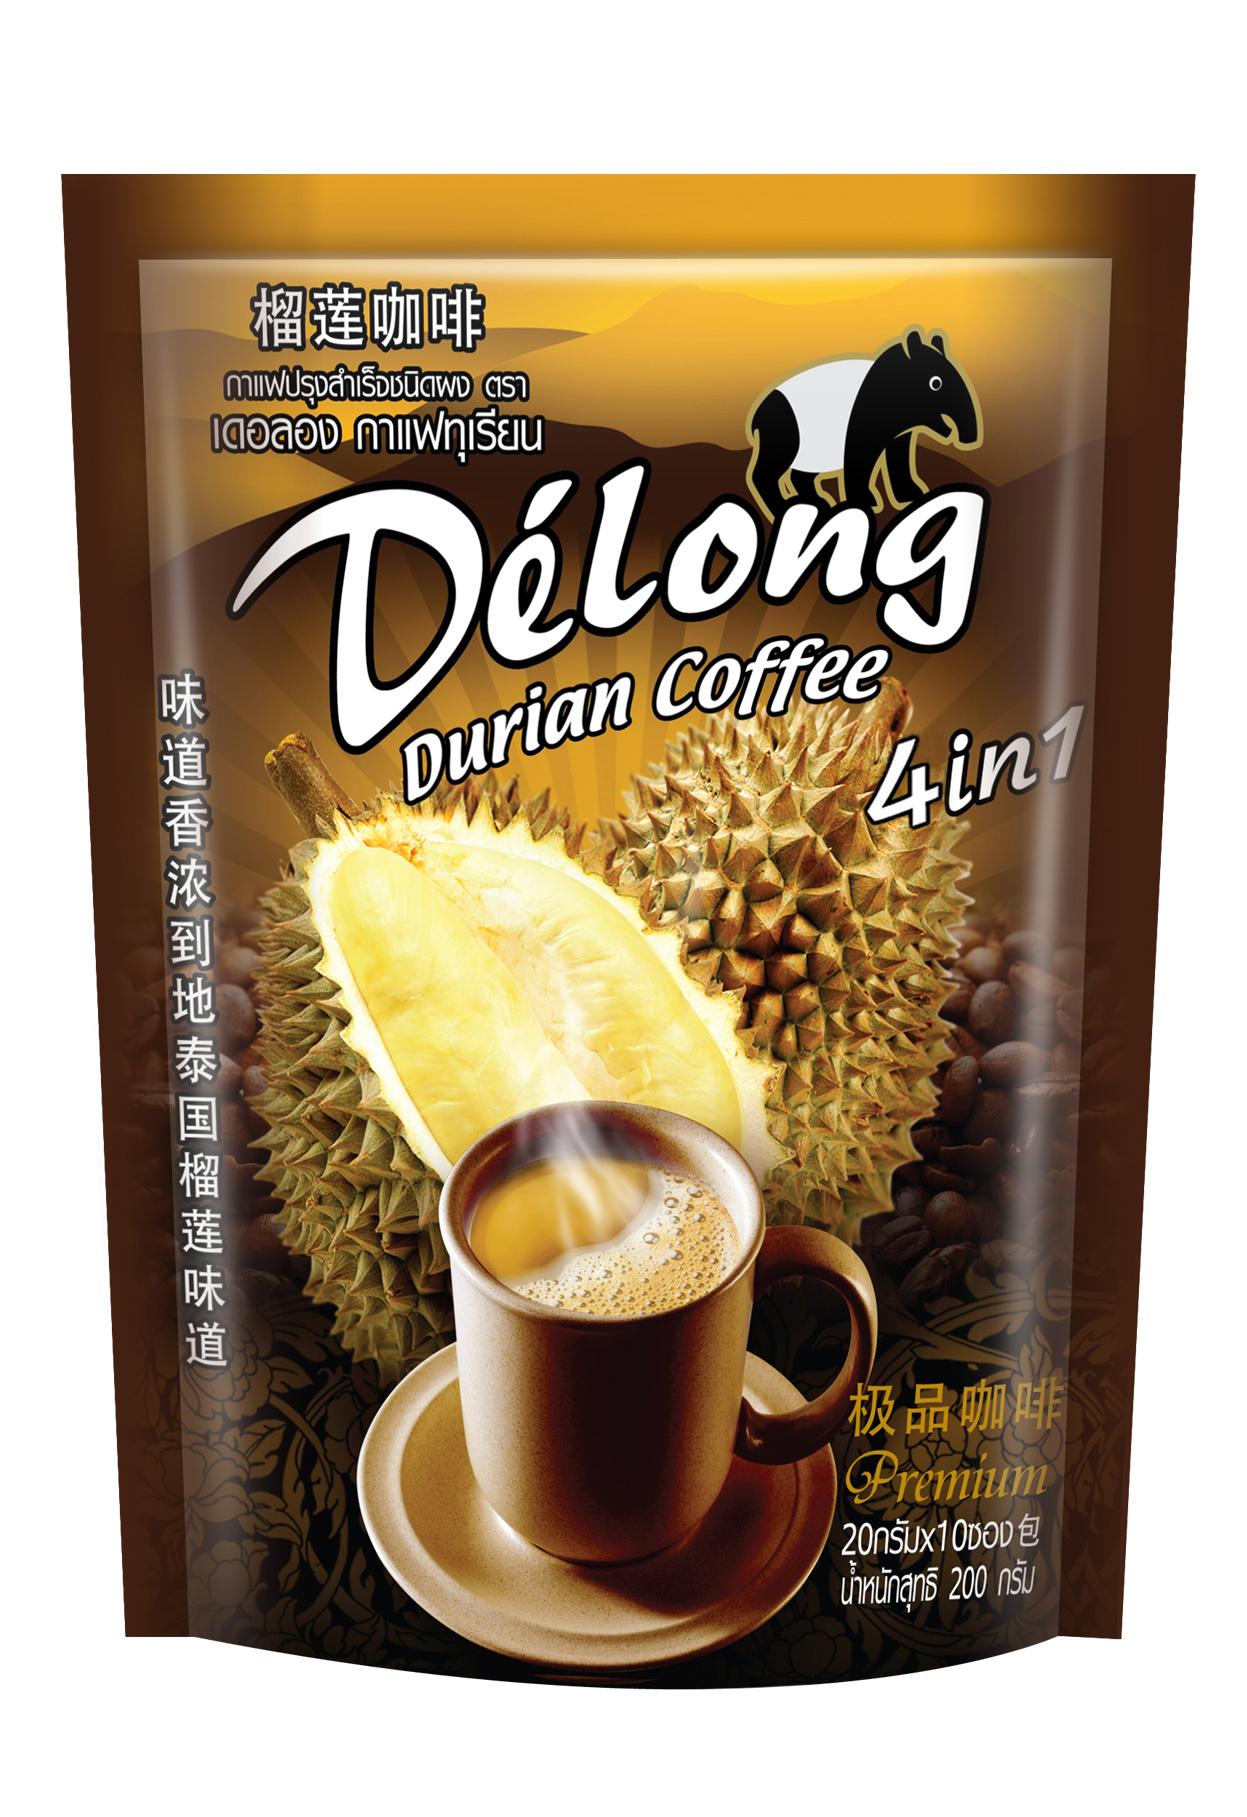 เดอลอง กาแฟทุเรียน 4in1